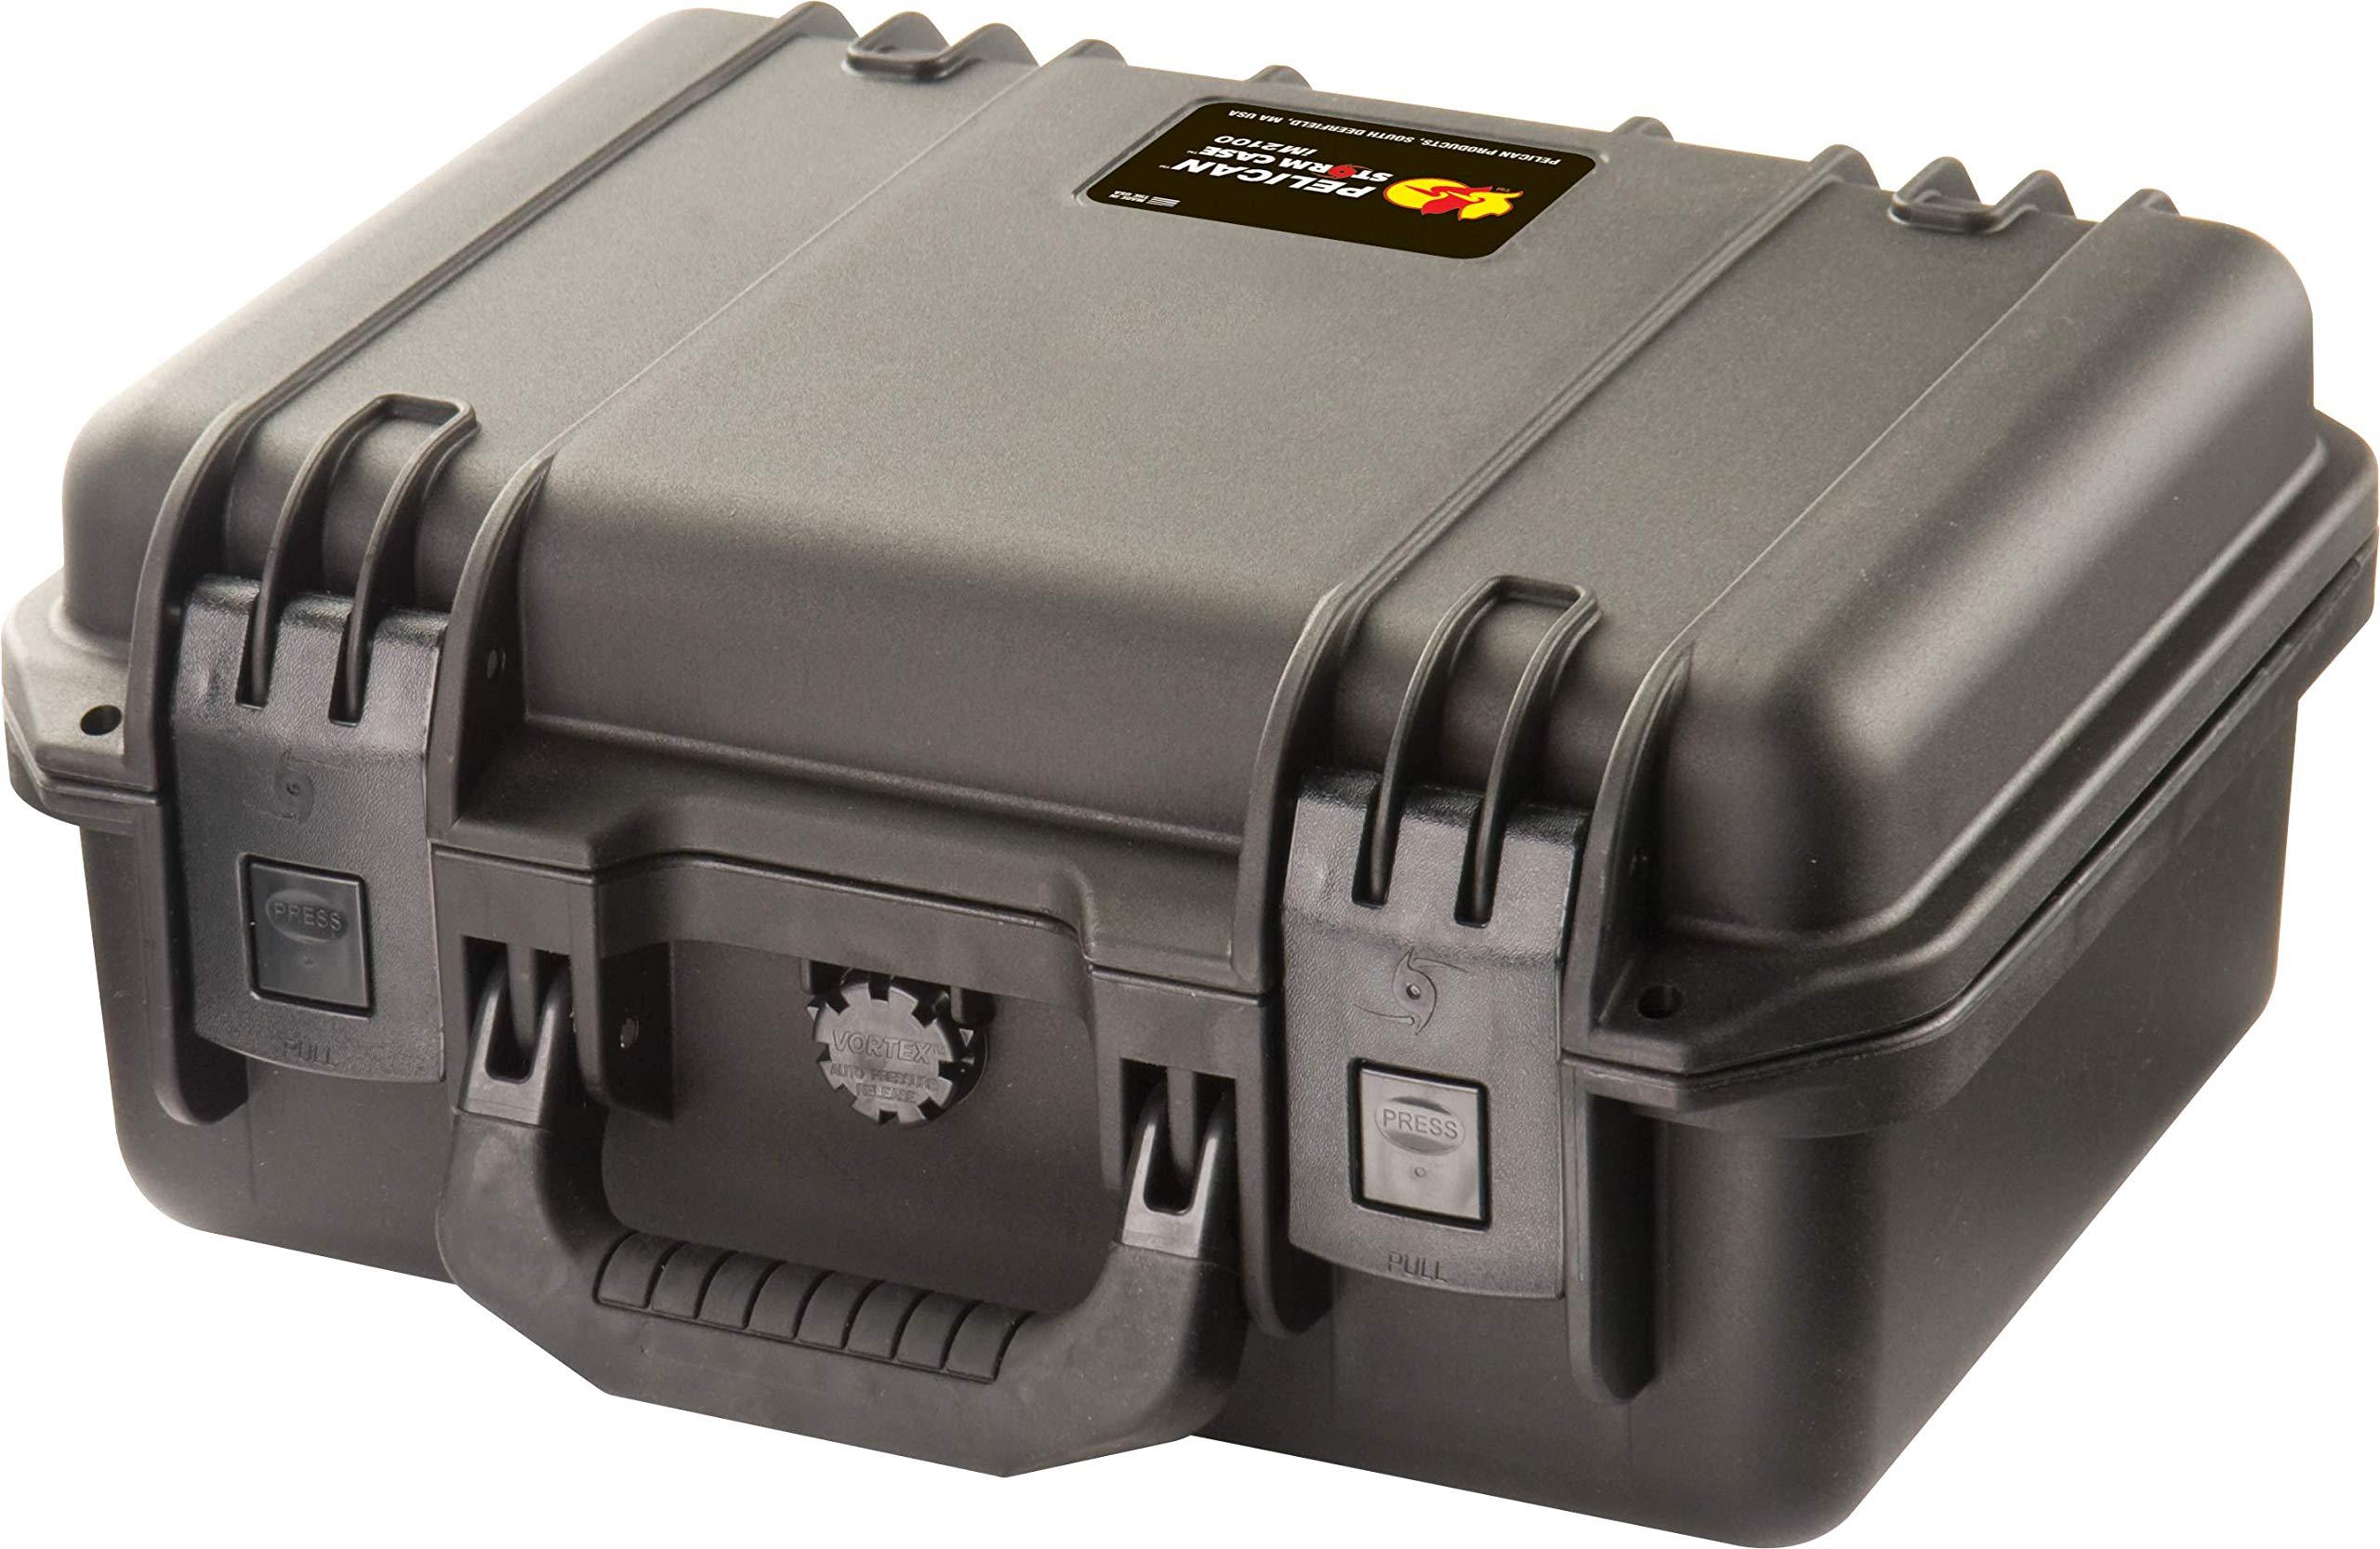 Waterproof Case (Dry Box) | Pelican Storm M2100 Case With Foam (Black) by Pelican